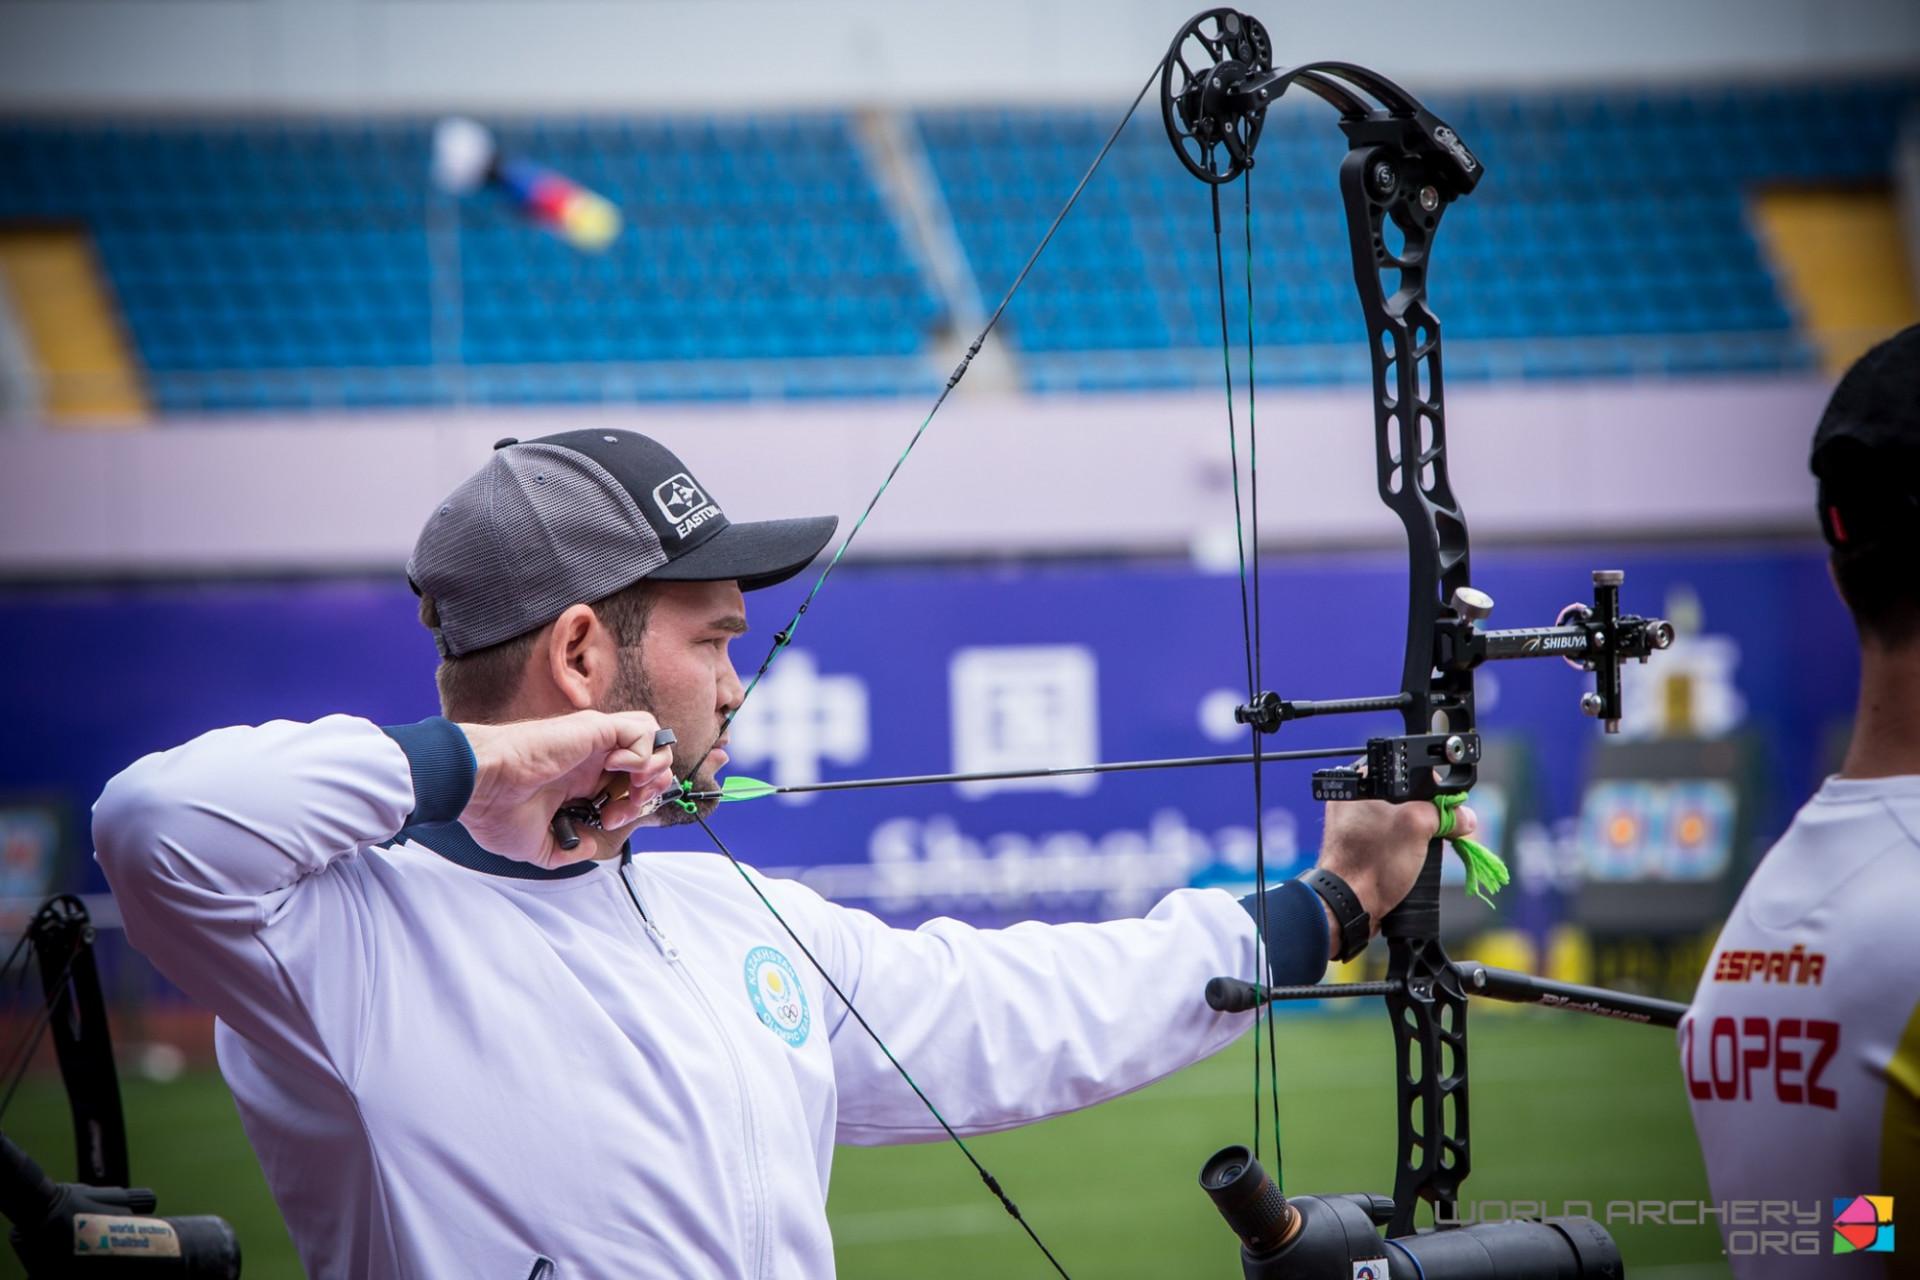 Казахстанские лучники выступят на чемпионате мира